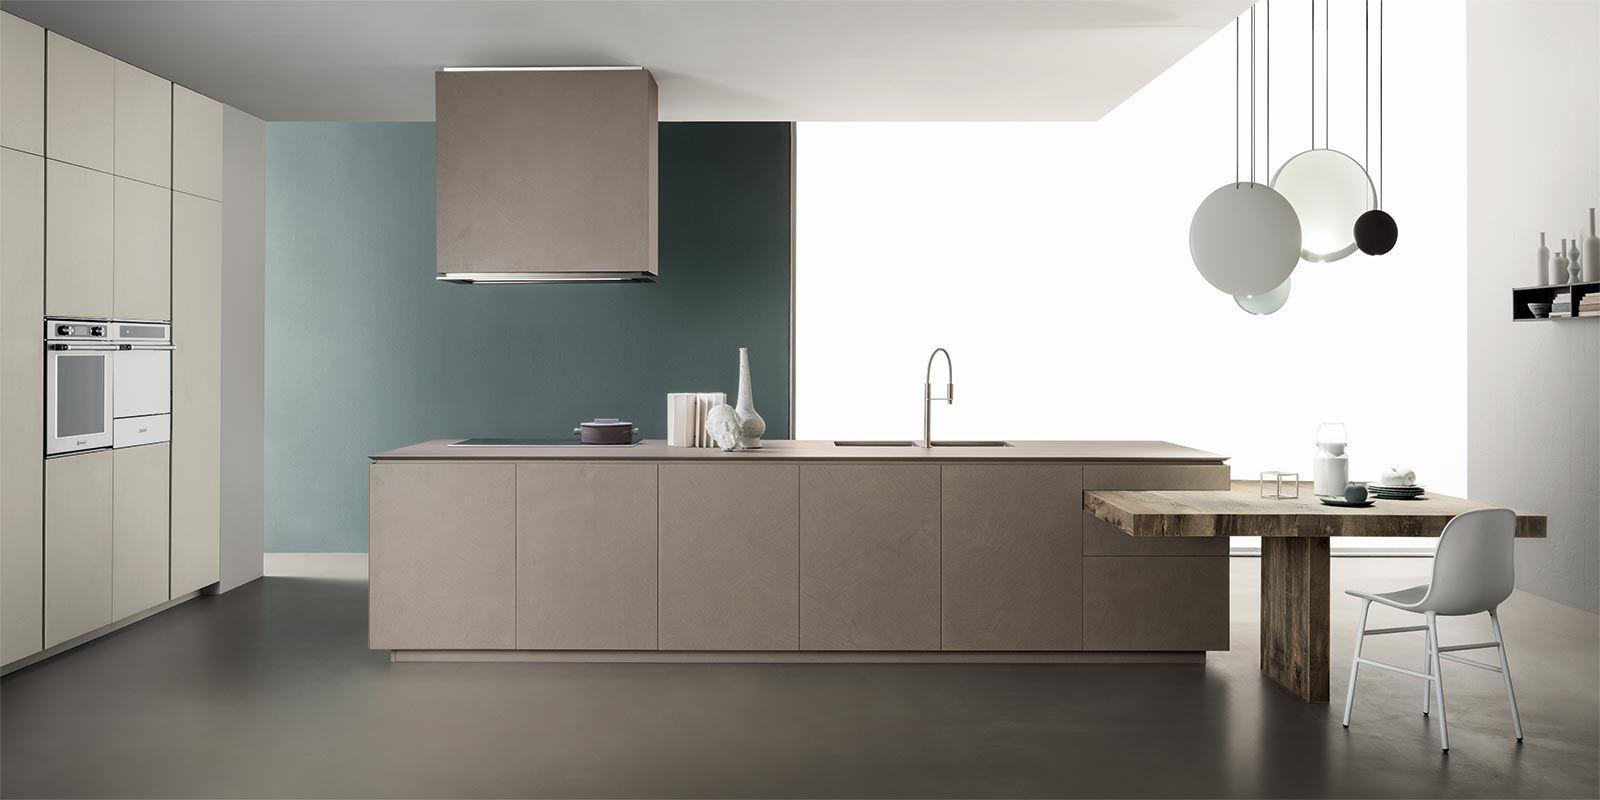 Cucine Obliqua - Cucine Moderne di Design - Ernestomeda | Cucina ...